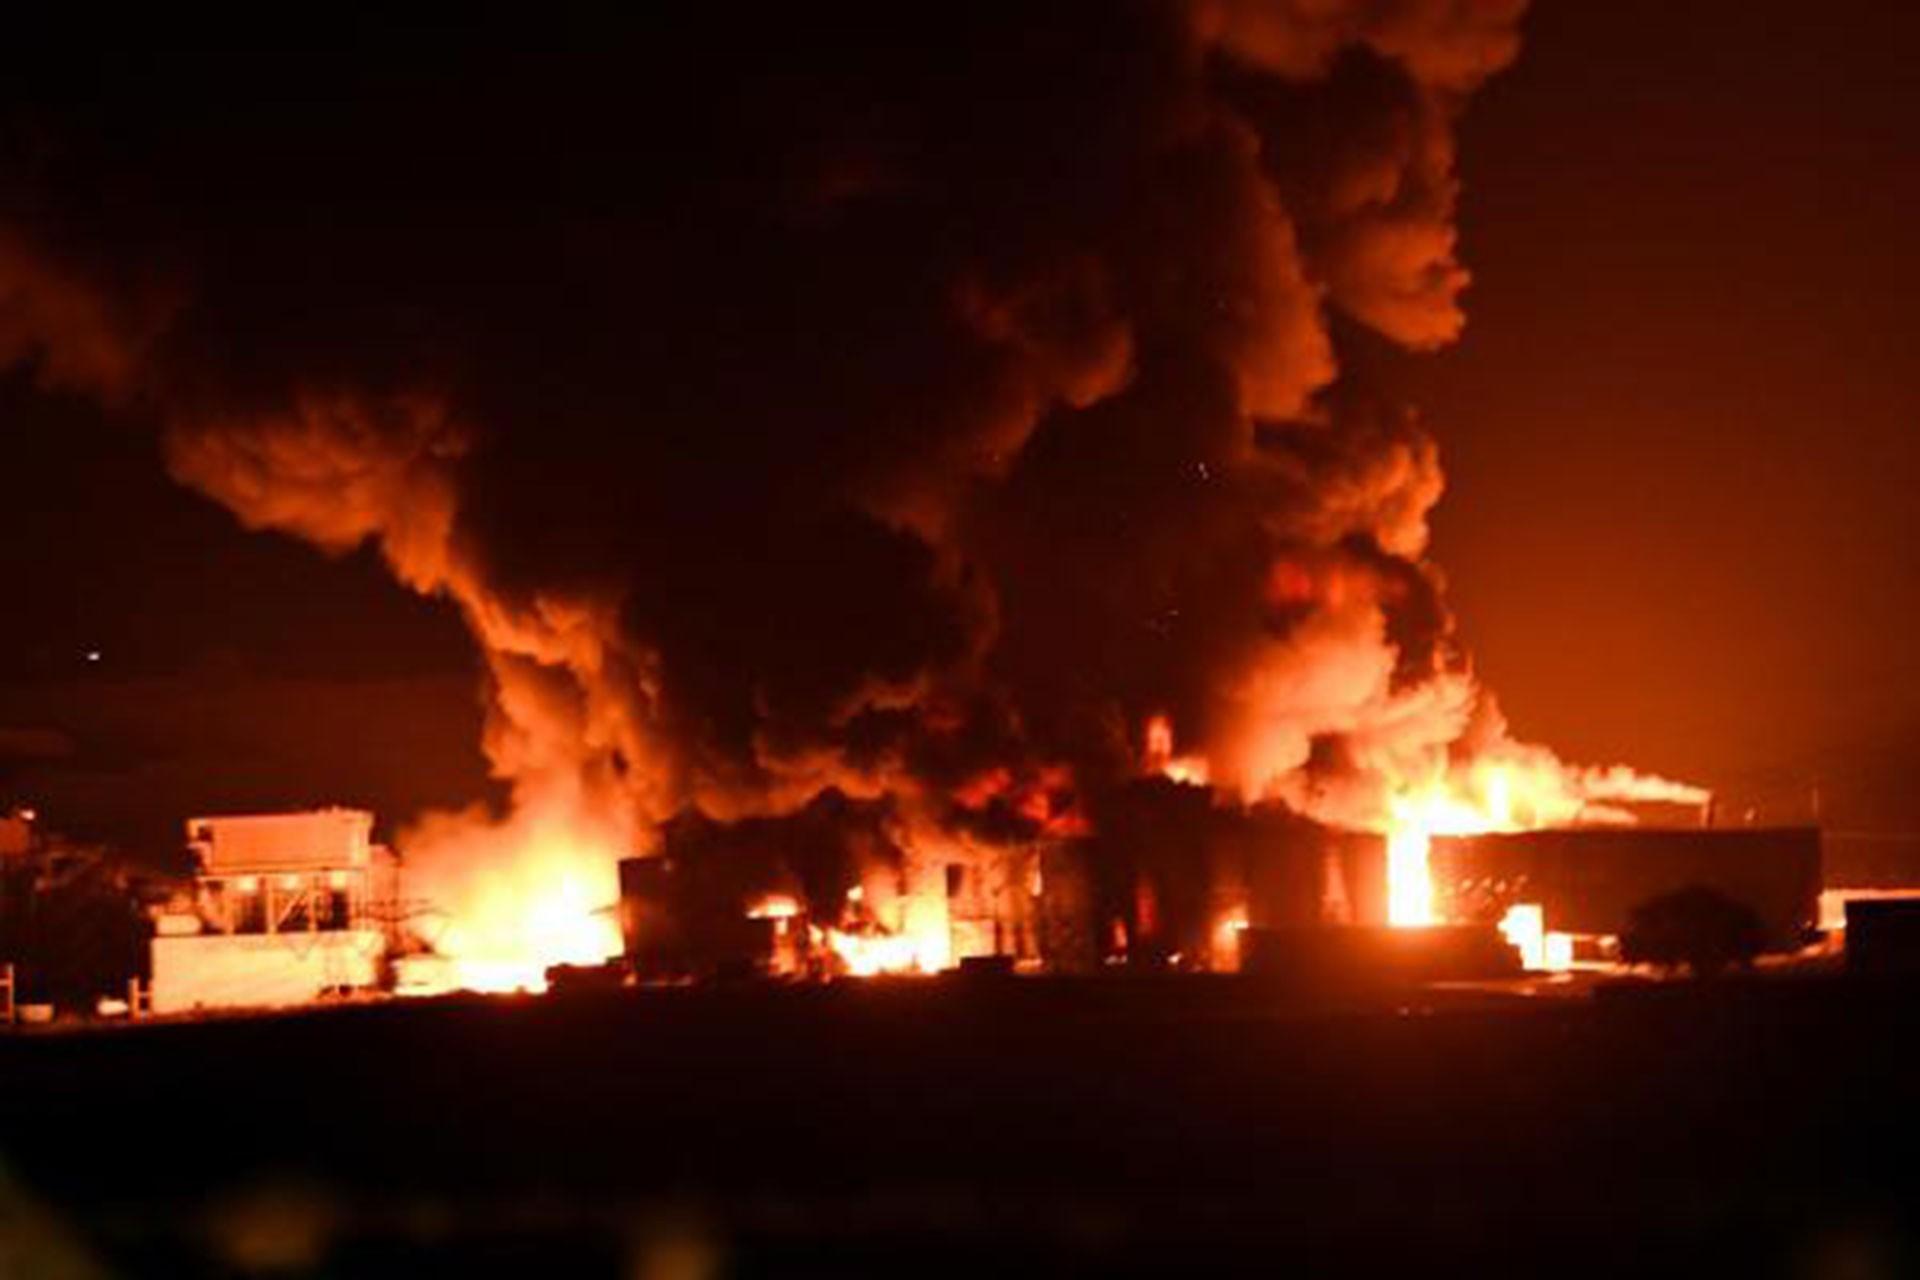 Çorlu'da geri dönüşüm fabrikasında yangın çıktı